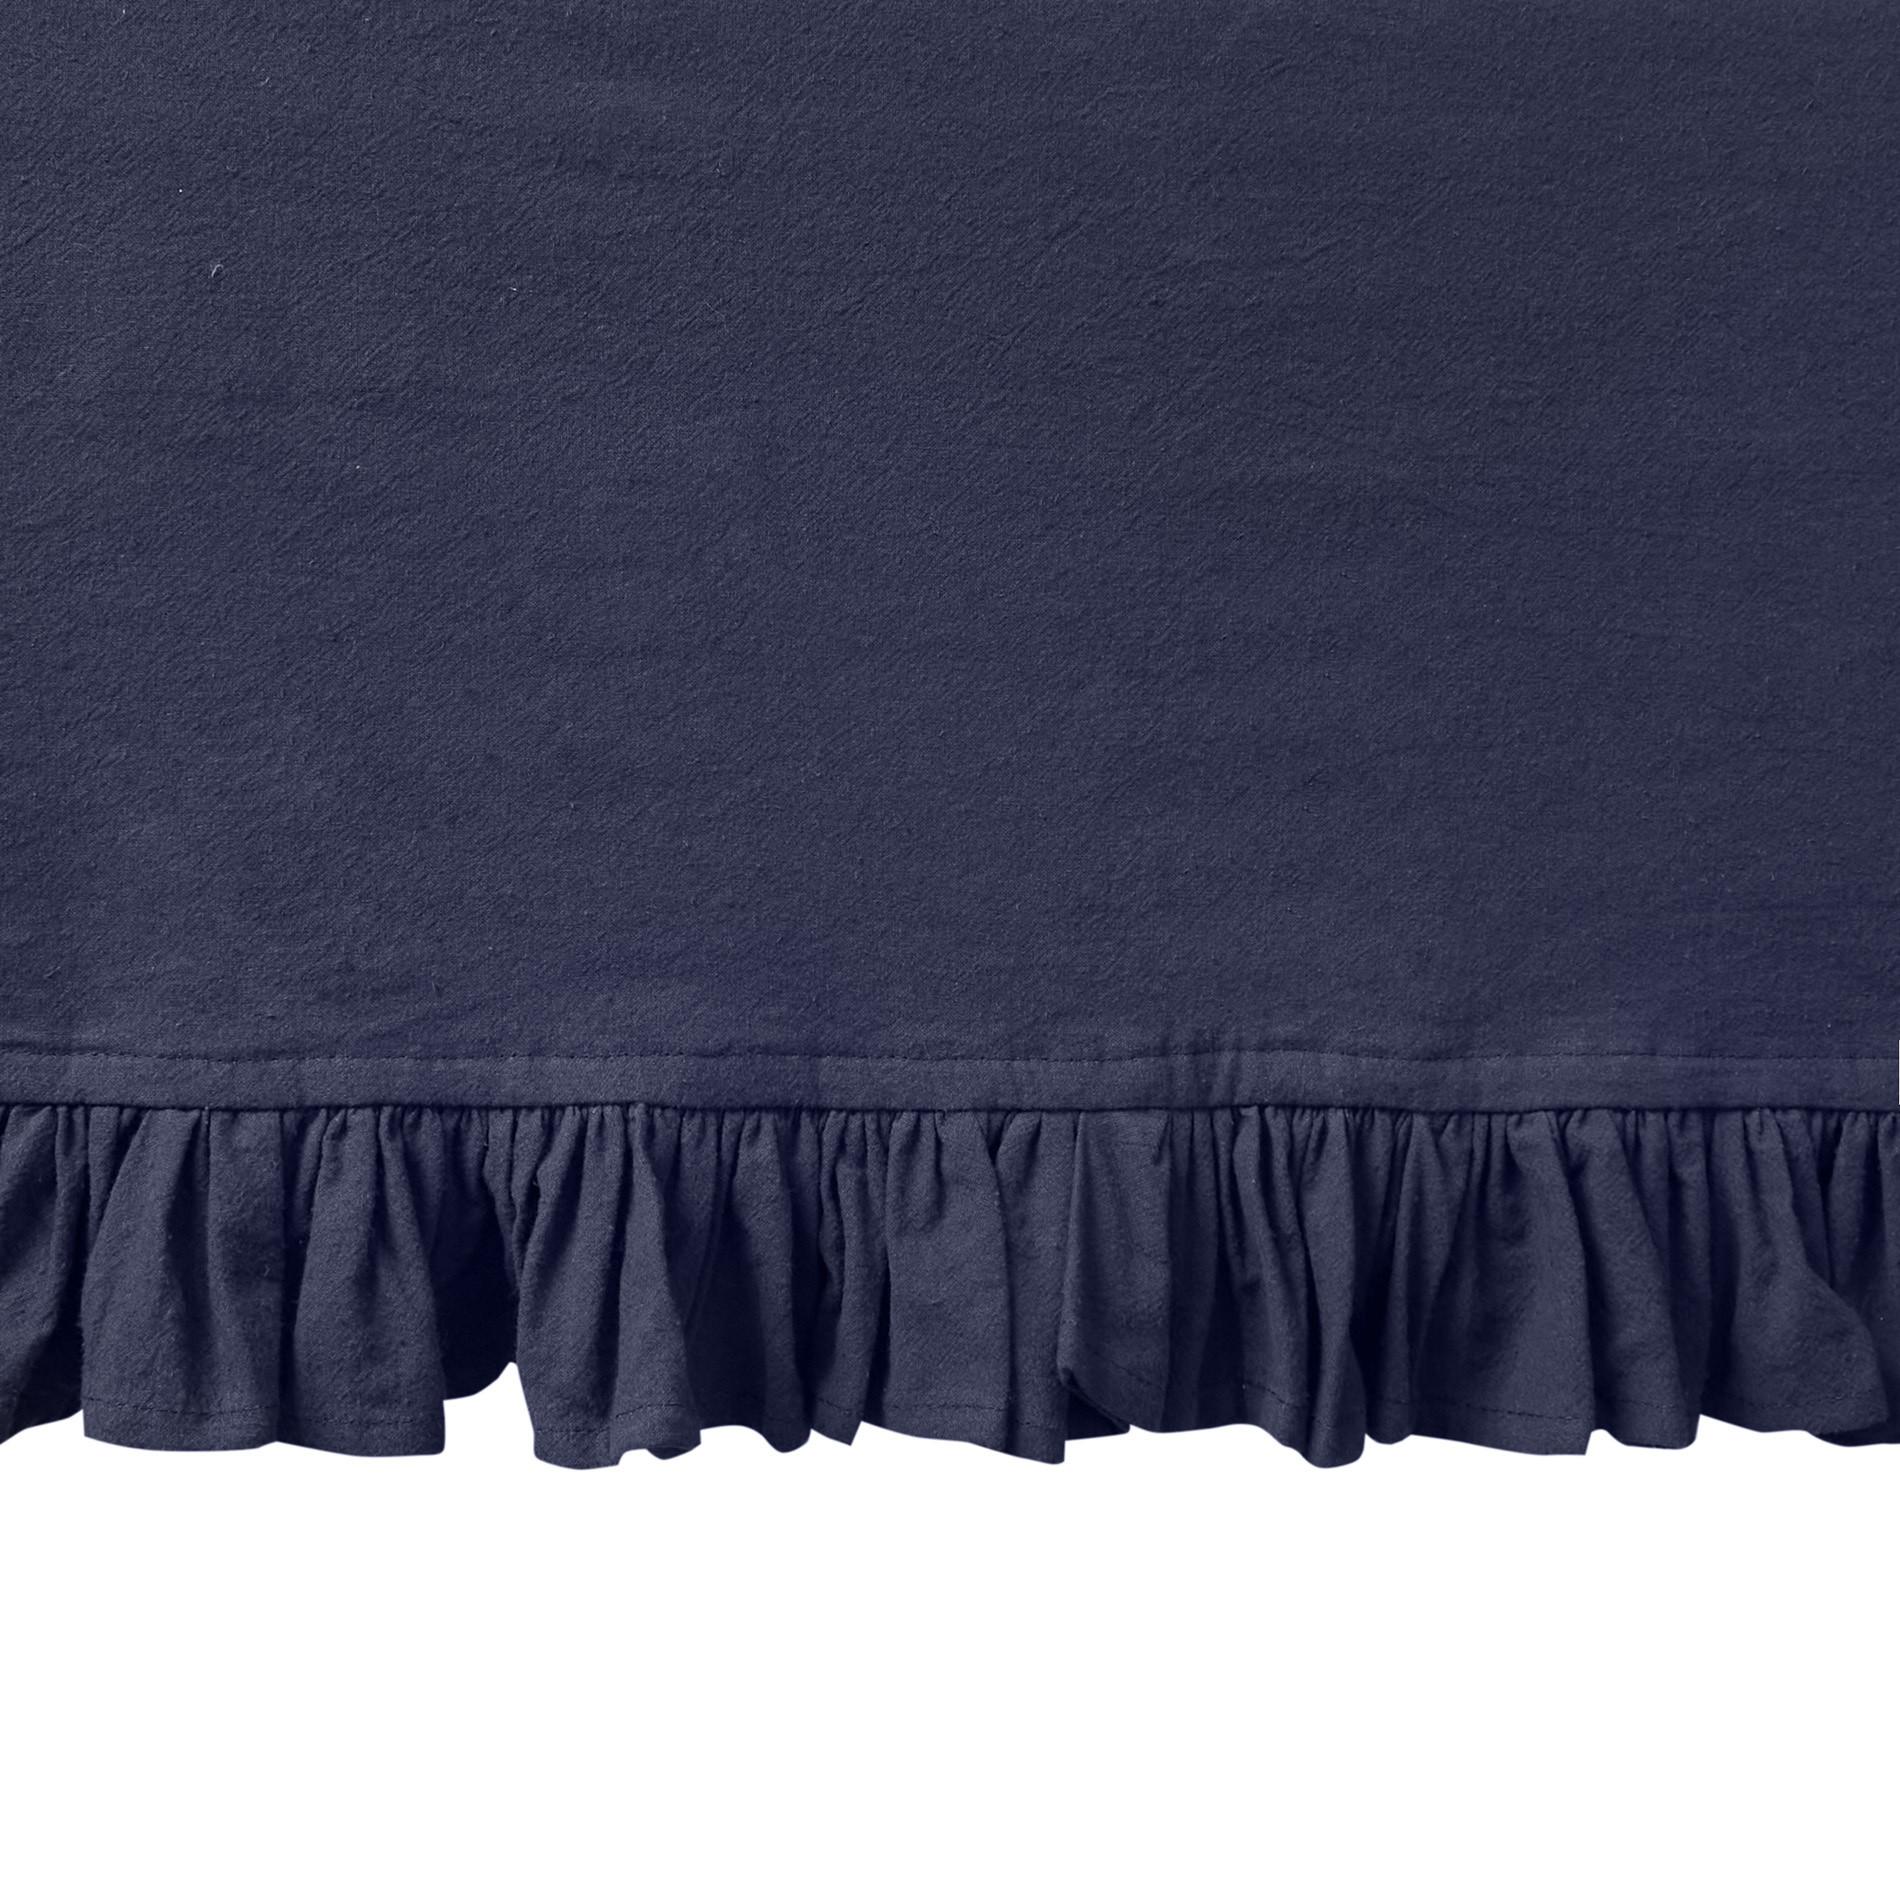 Tovaglia puro cotone garment washed bordo volant, Blu scuro, large image number 1